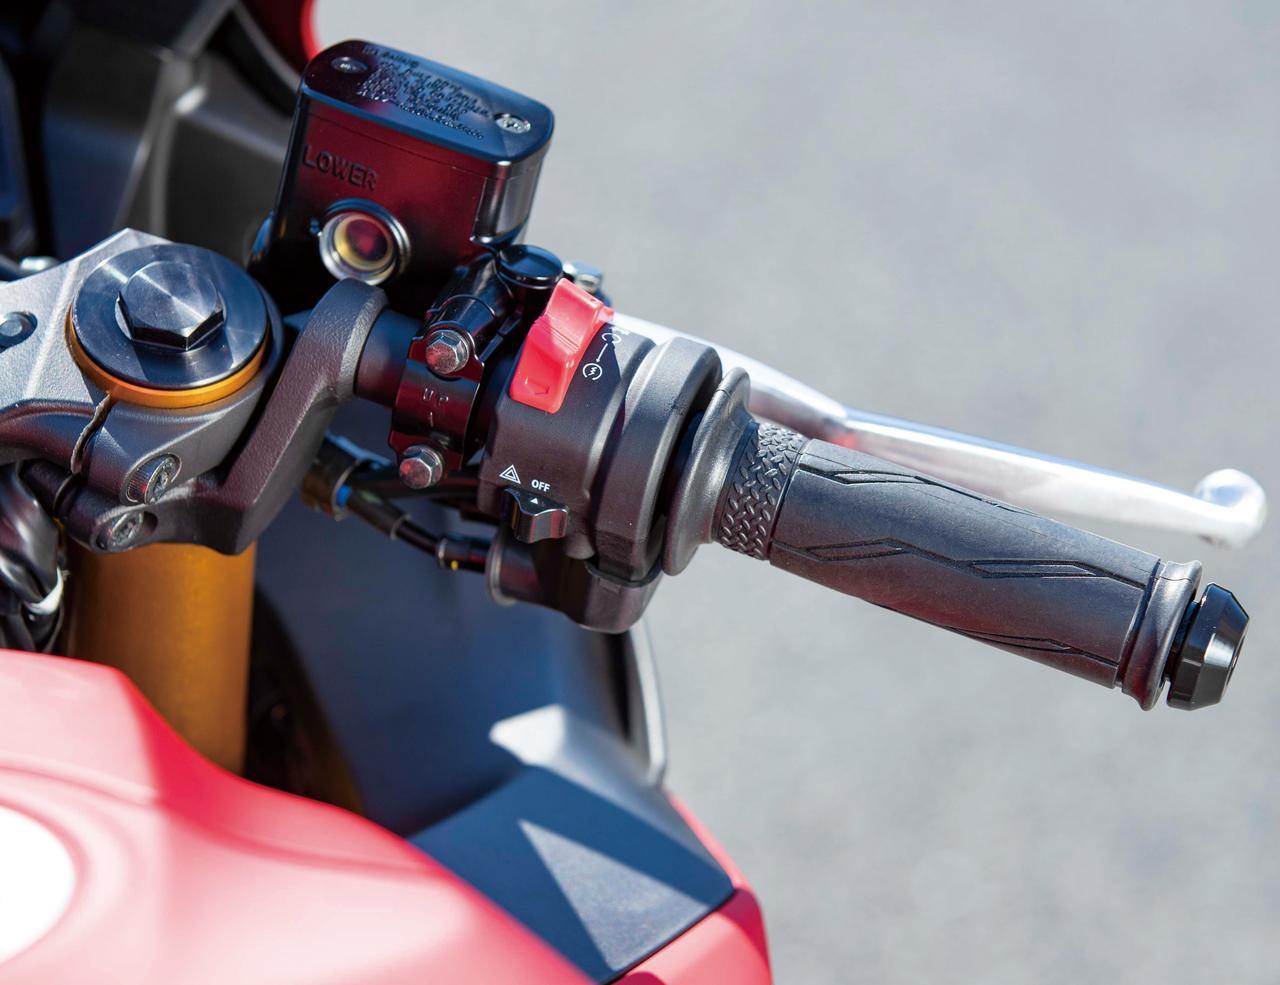 画像: エンジン始動スイッチとキルスイッチを兼用する、MT-07などと同タイプの新型スイッチボックスを採用する。